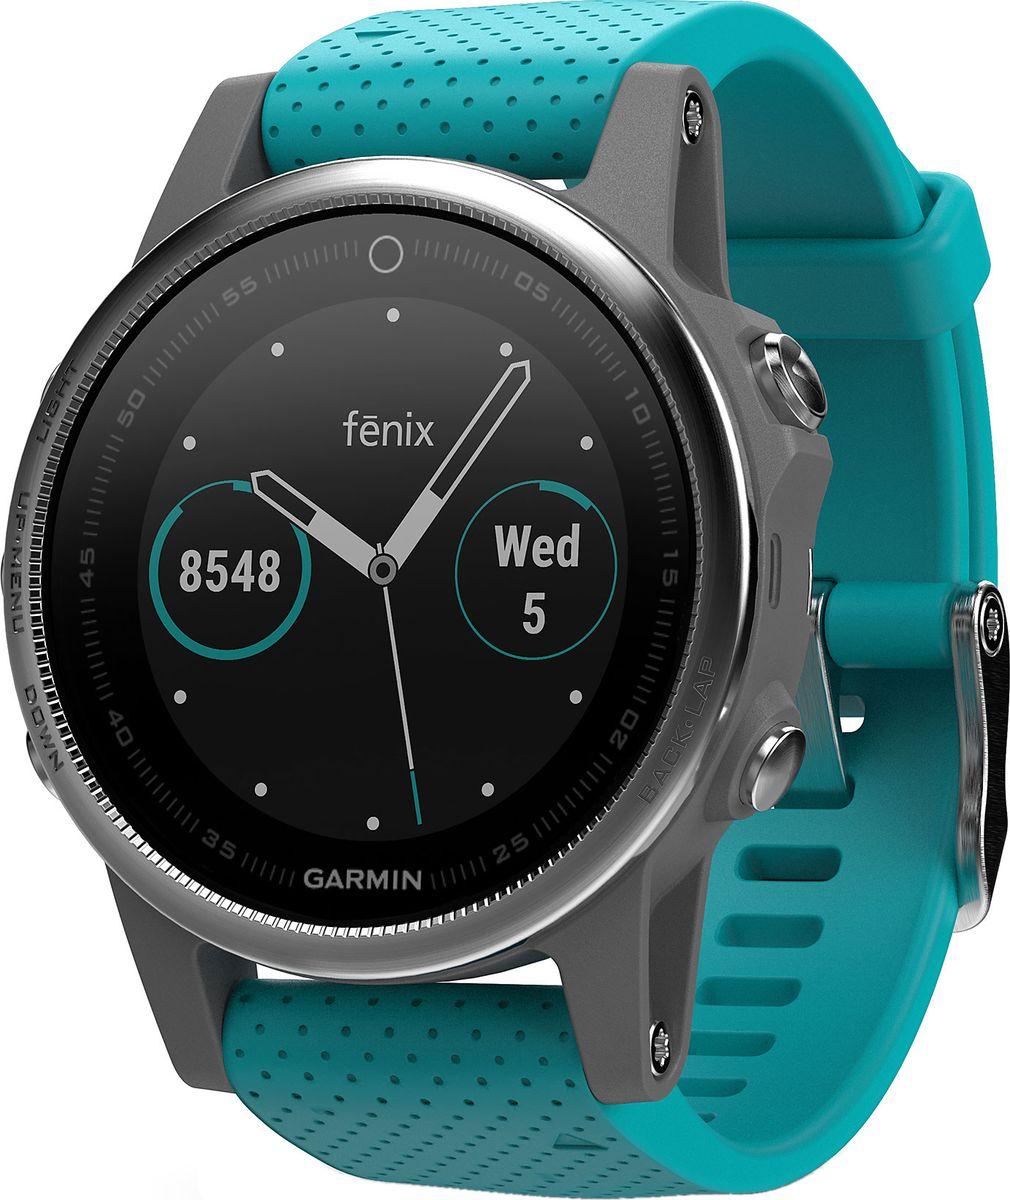 Часы спортивные Garmin Fenix 5S, цвет: серебристый. 010-01685-01010-01685-01Часы с GPS/ГЛОНАСС для повседневной жизни, приключений, фитнеса и спорта Fenix 5S компактные часы (42мм) серебристые с бирюзовым ремешком Премиум-часы с GPS/ГЛОНАСС, мультиспортивными тренировками и встроенным оптическим пульсометром Elevate1 Созданы для активных приключений: прочный корпус со стальным безелем, кнопками и задней крышкой, защита от воды 100м Виджеты, которые показывают эффективность ход тренировок доступны одним касанием Смарт функции2 - интеллектуальные оповещения, автоматическая загрузка в интернет-сообщество Garmin Connect и персонализация через загружаемые бесплатные циферблаты и приложения из магазина Connect IQ Встроенные датчики: GPS и ГЛОНАСС, 3-х осевой магнитный компас, гироскоп, термометр, барометр и барометрический высотомер Срок работы от батареи: до двух недель в режиме умных часов (зависит от настроек), до 24 часов в режиме тренировки с GPS или до 60 часов в режиме экономии UltraTrac Совершенствуйтесь весь день, каждый день. Fenix 5 - это высококачественные умные GPS-часы с мультиспортом, интеллектуальными уведомлениями2 и встроенным оптическим пульсометром на запястье1. Улучшенные функции фитнеса и быстросменные ремешки, которые позволяют вам уйти с рабочего места на тренировку, без задержек. Каким бы видом спорта вы не занимались, Fenix 5 его поддерживает, благодаря встроенным профилям деятельности и показателям производительности. Две системы навигации Fenix 5 оснащен улучшенным спутниковым приемником GPS и ГЛОНАСС для отслеживания местоположения в сложных условиях. Вы можете рассчитывать на длительное время автономной работы в каждом режиме работы (конкретное время зависит от модификации часов и настроек). Защита от воды 100м позволит вам с уверенностью путешествовать везде, где захочется. Отличная читаемость на ходу Яркий полноцветный дисплей Garmin Chroma Display со светодиодной подсветкой обеспечивает отличную читаемость при любых внешних условиях. Транс